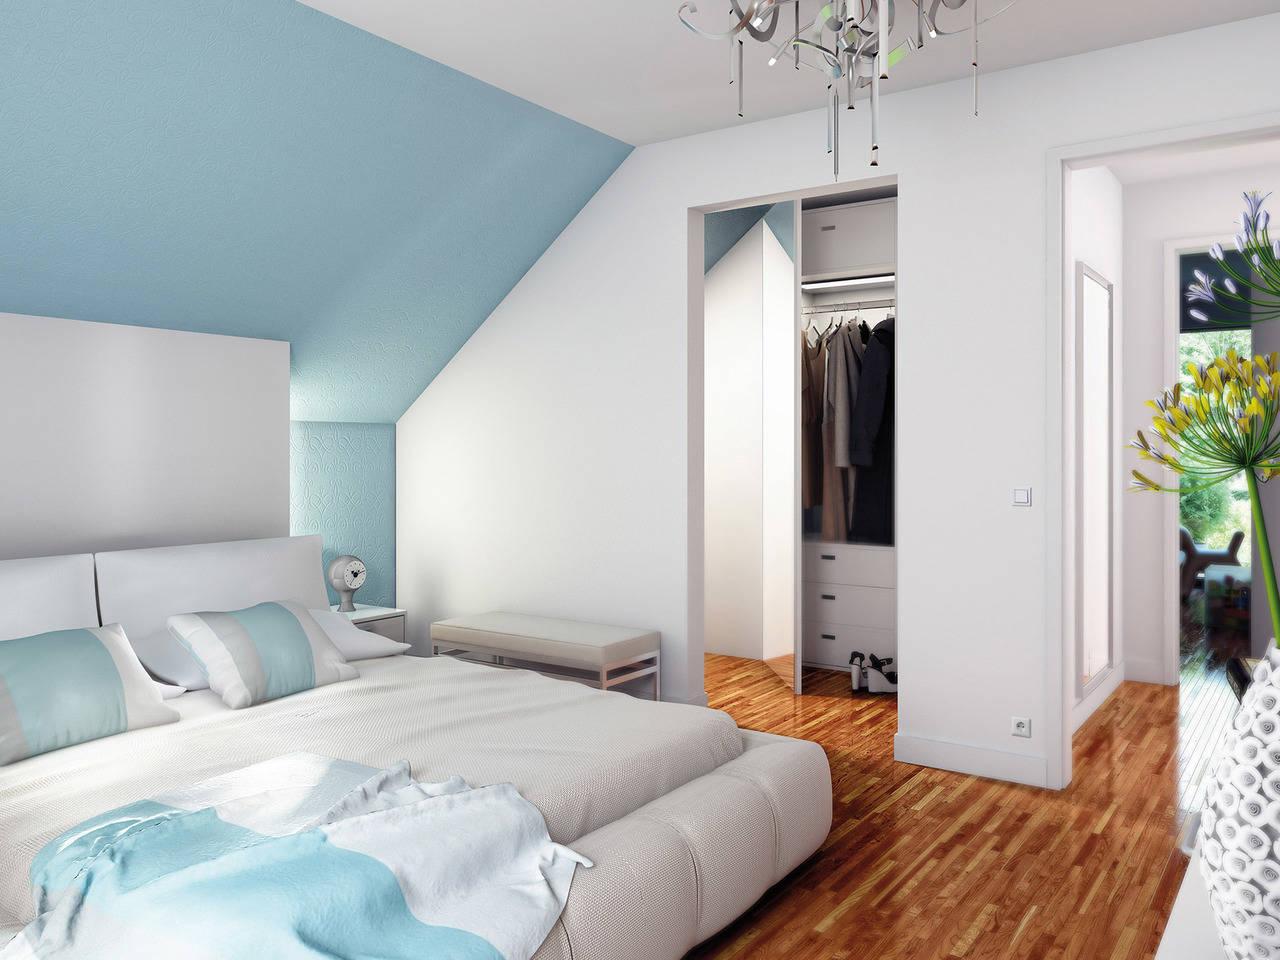 Haus SOLUTION 151 V10 Schlafzimmer von Living Haus